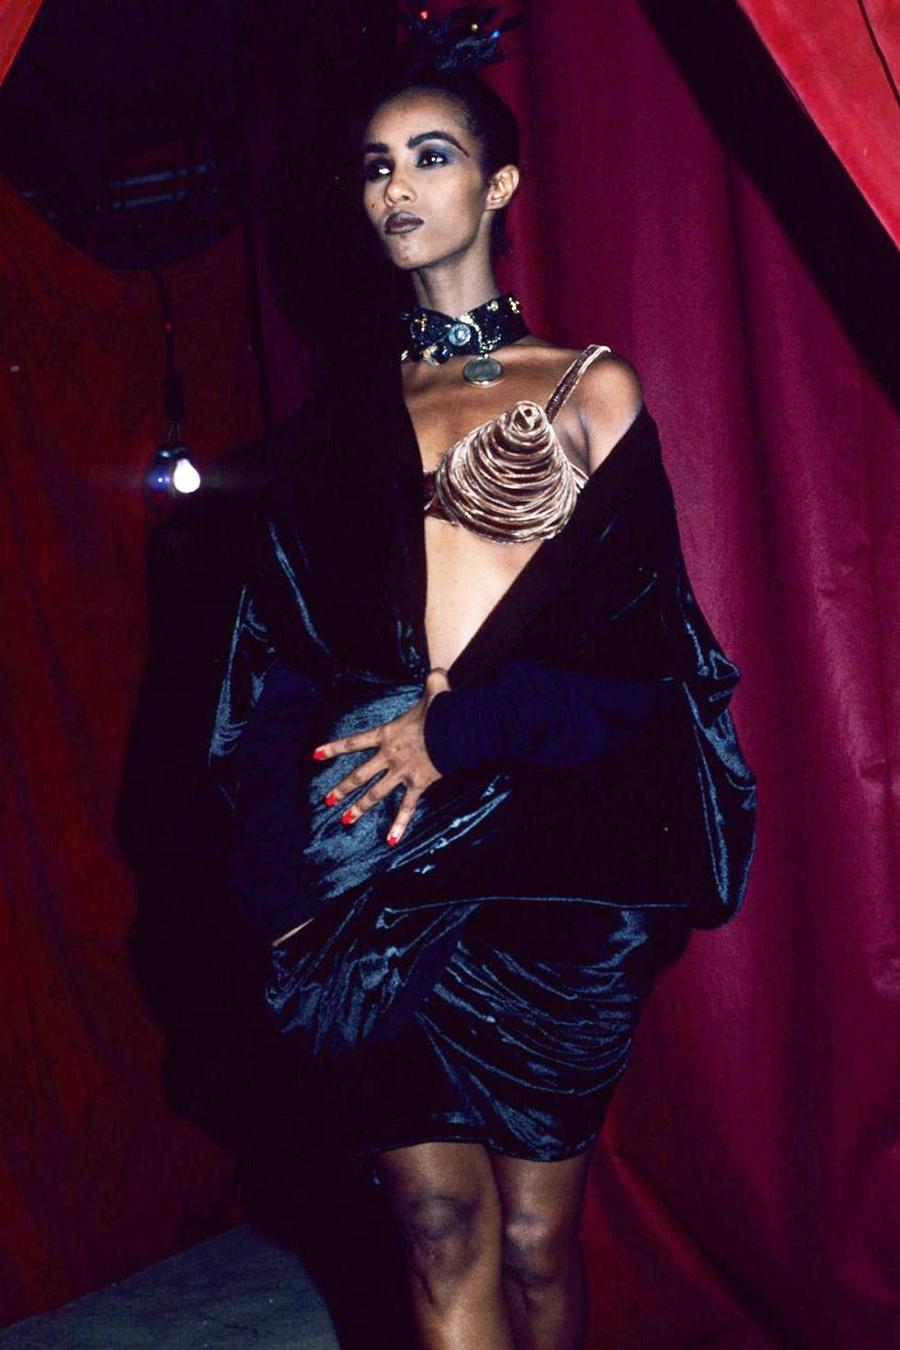 Iman diện chiếc áo ngực nhọn biểu tượng của Jean Paul Gaultier trong show của ông năm 1990.